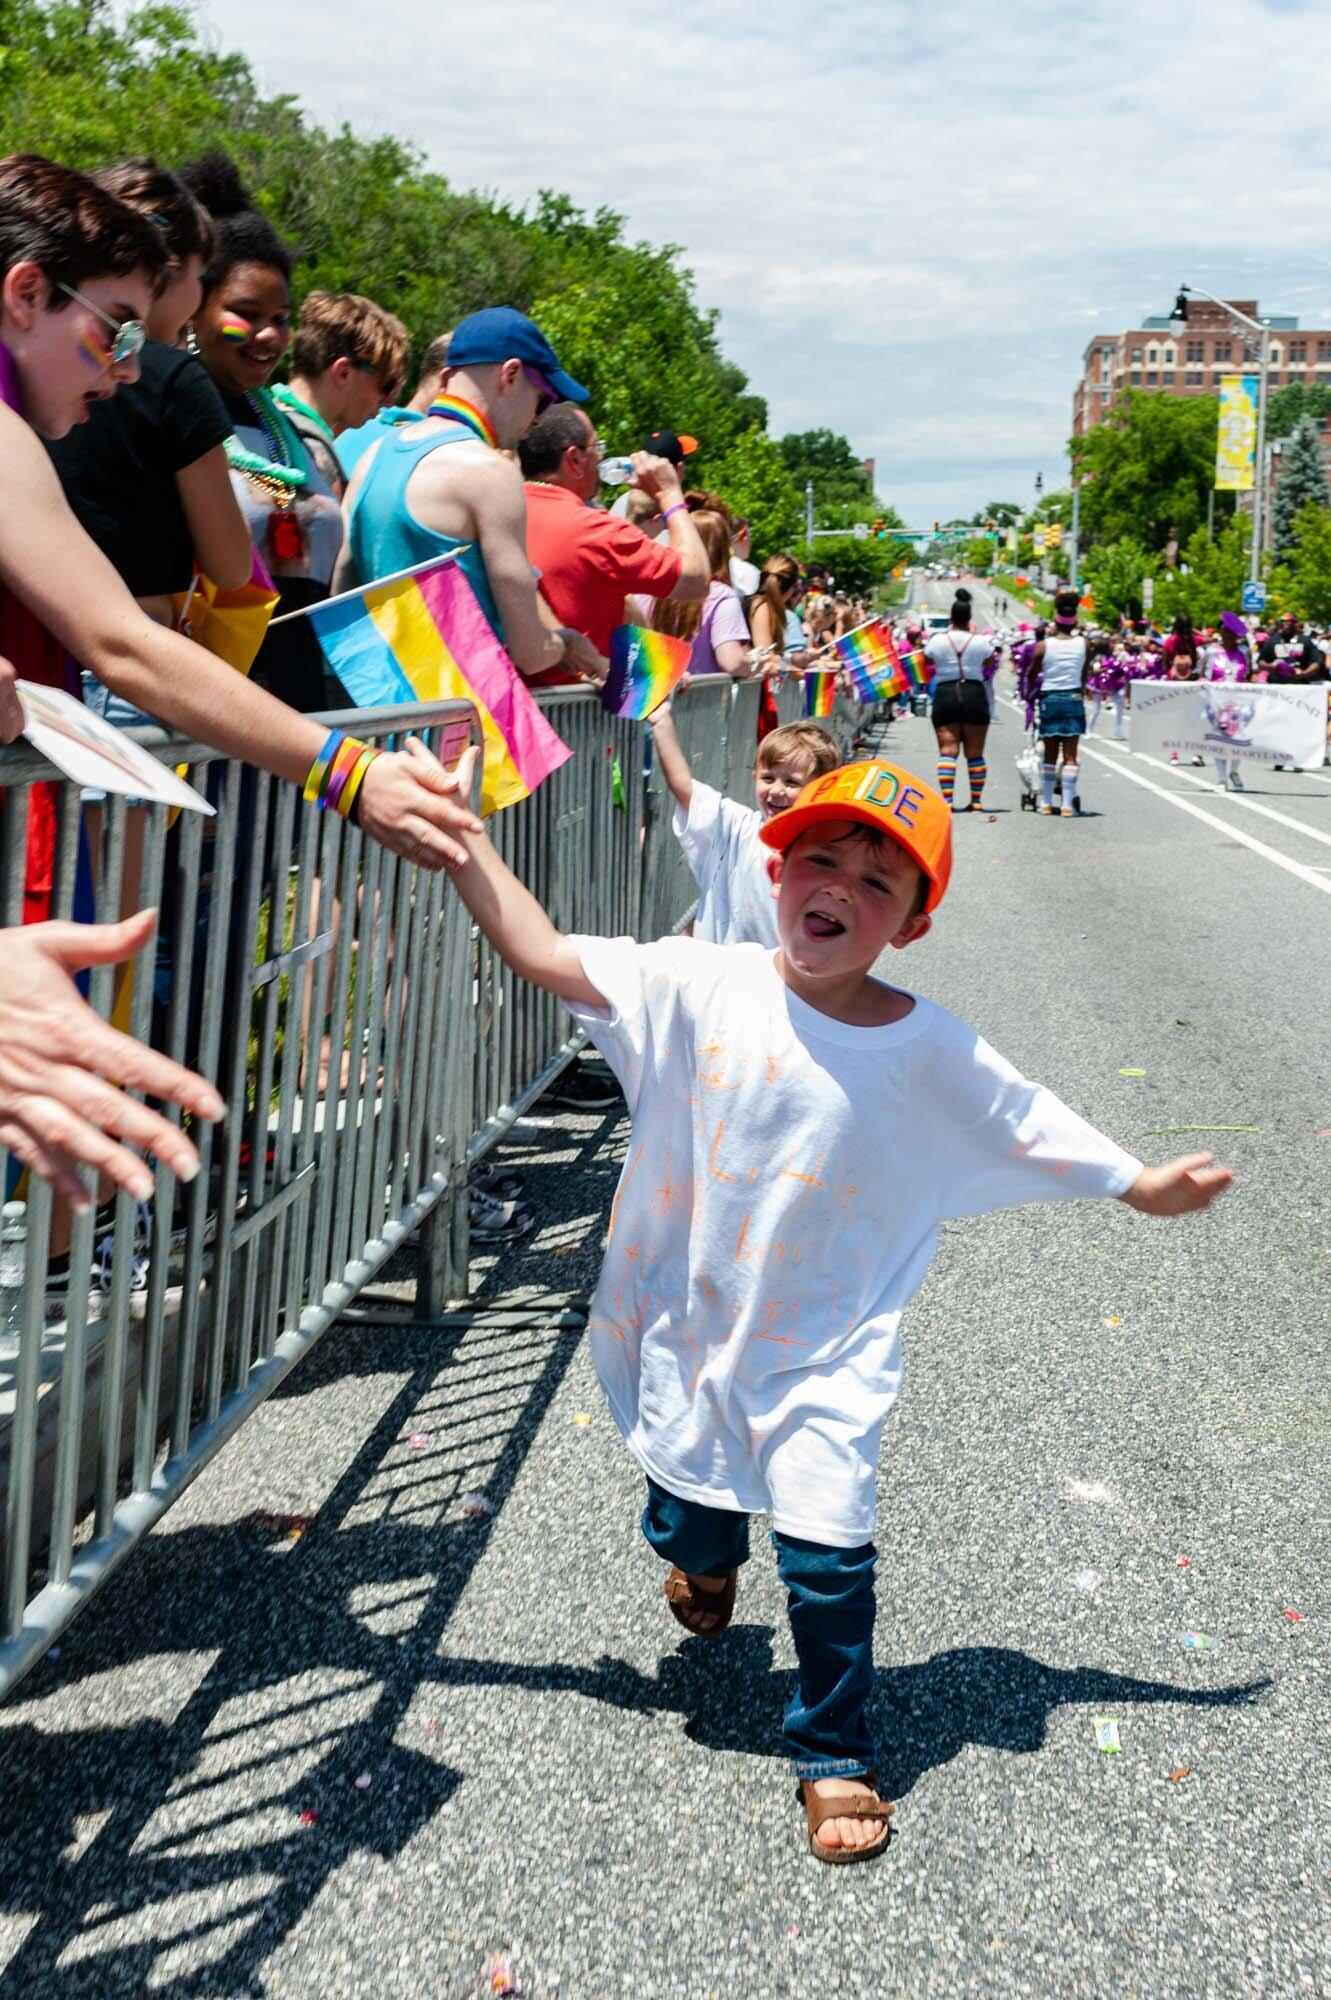 Emily Lewis Creative_Baltimore Pride Parade_2019-06-15-53.jpg